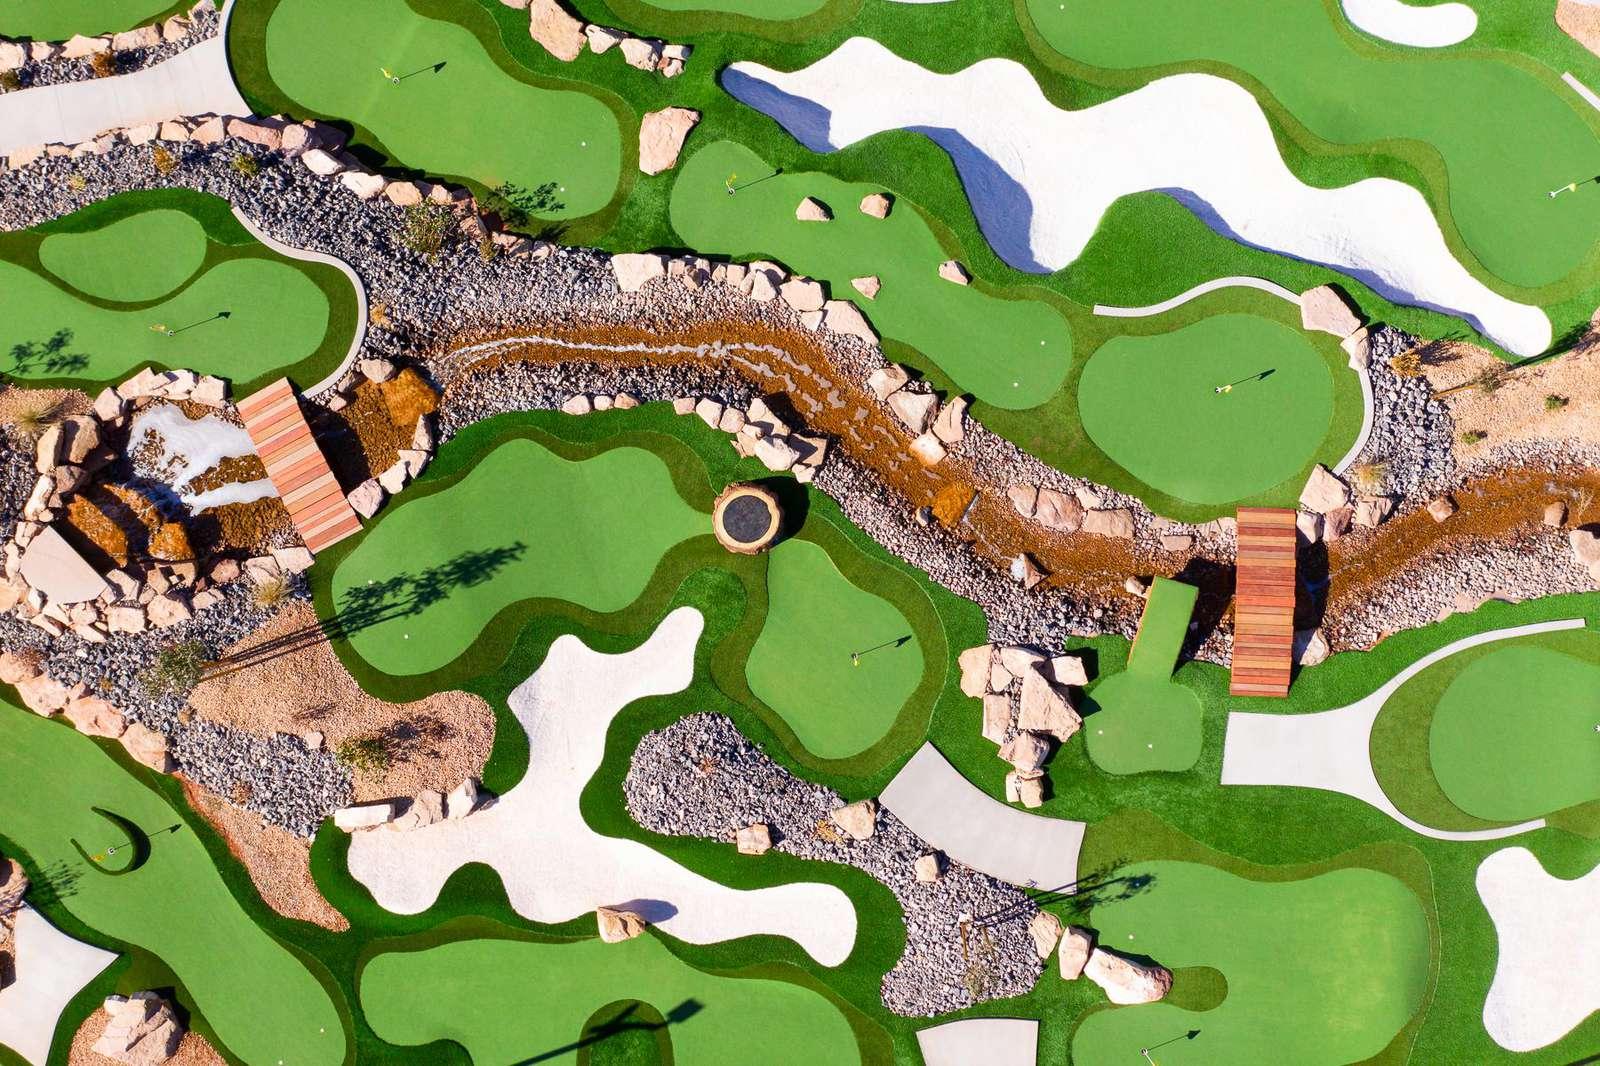 18 hole competition mini golf